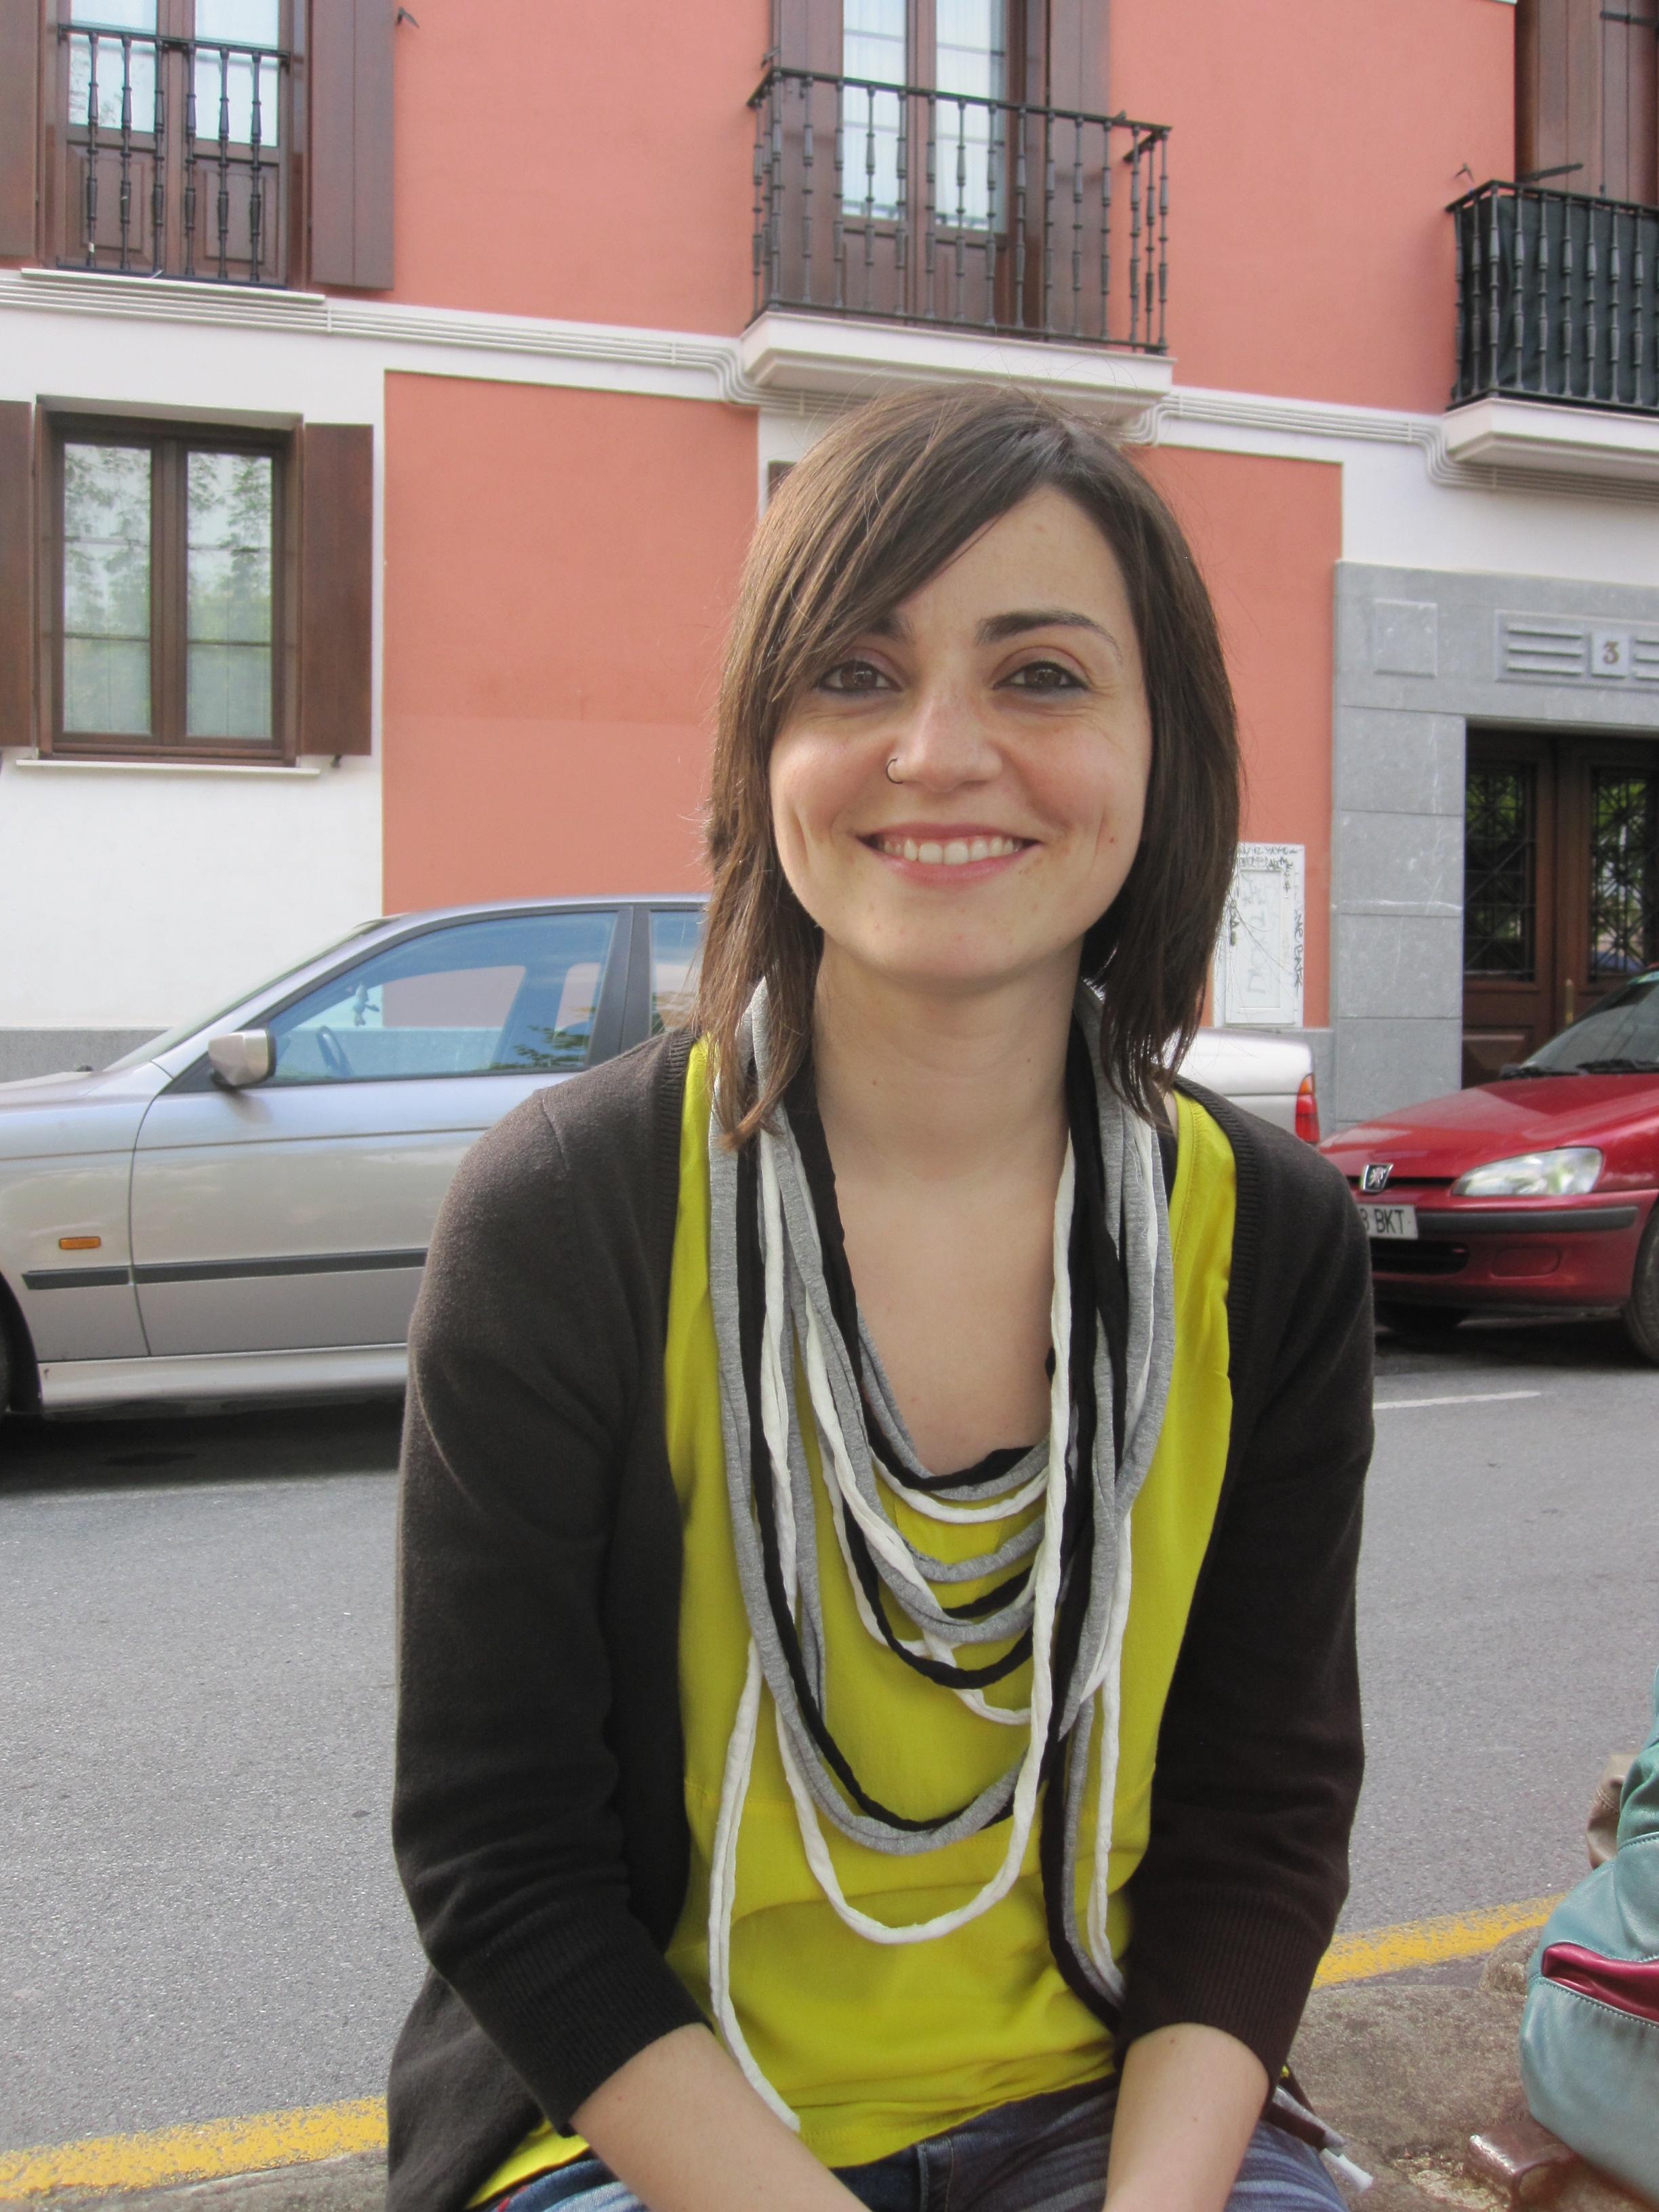 """Maria Ruiz: """"Argi dago espetxealdia ez dela oro har bizipen atsegina inorentzat, baina badirudi emakumeentzat esperientzia bereziki kaltegarria eta lazgarria dela"""""""